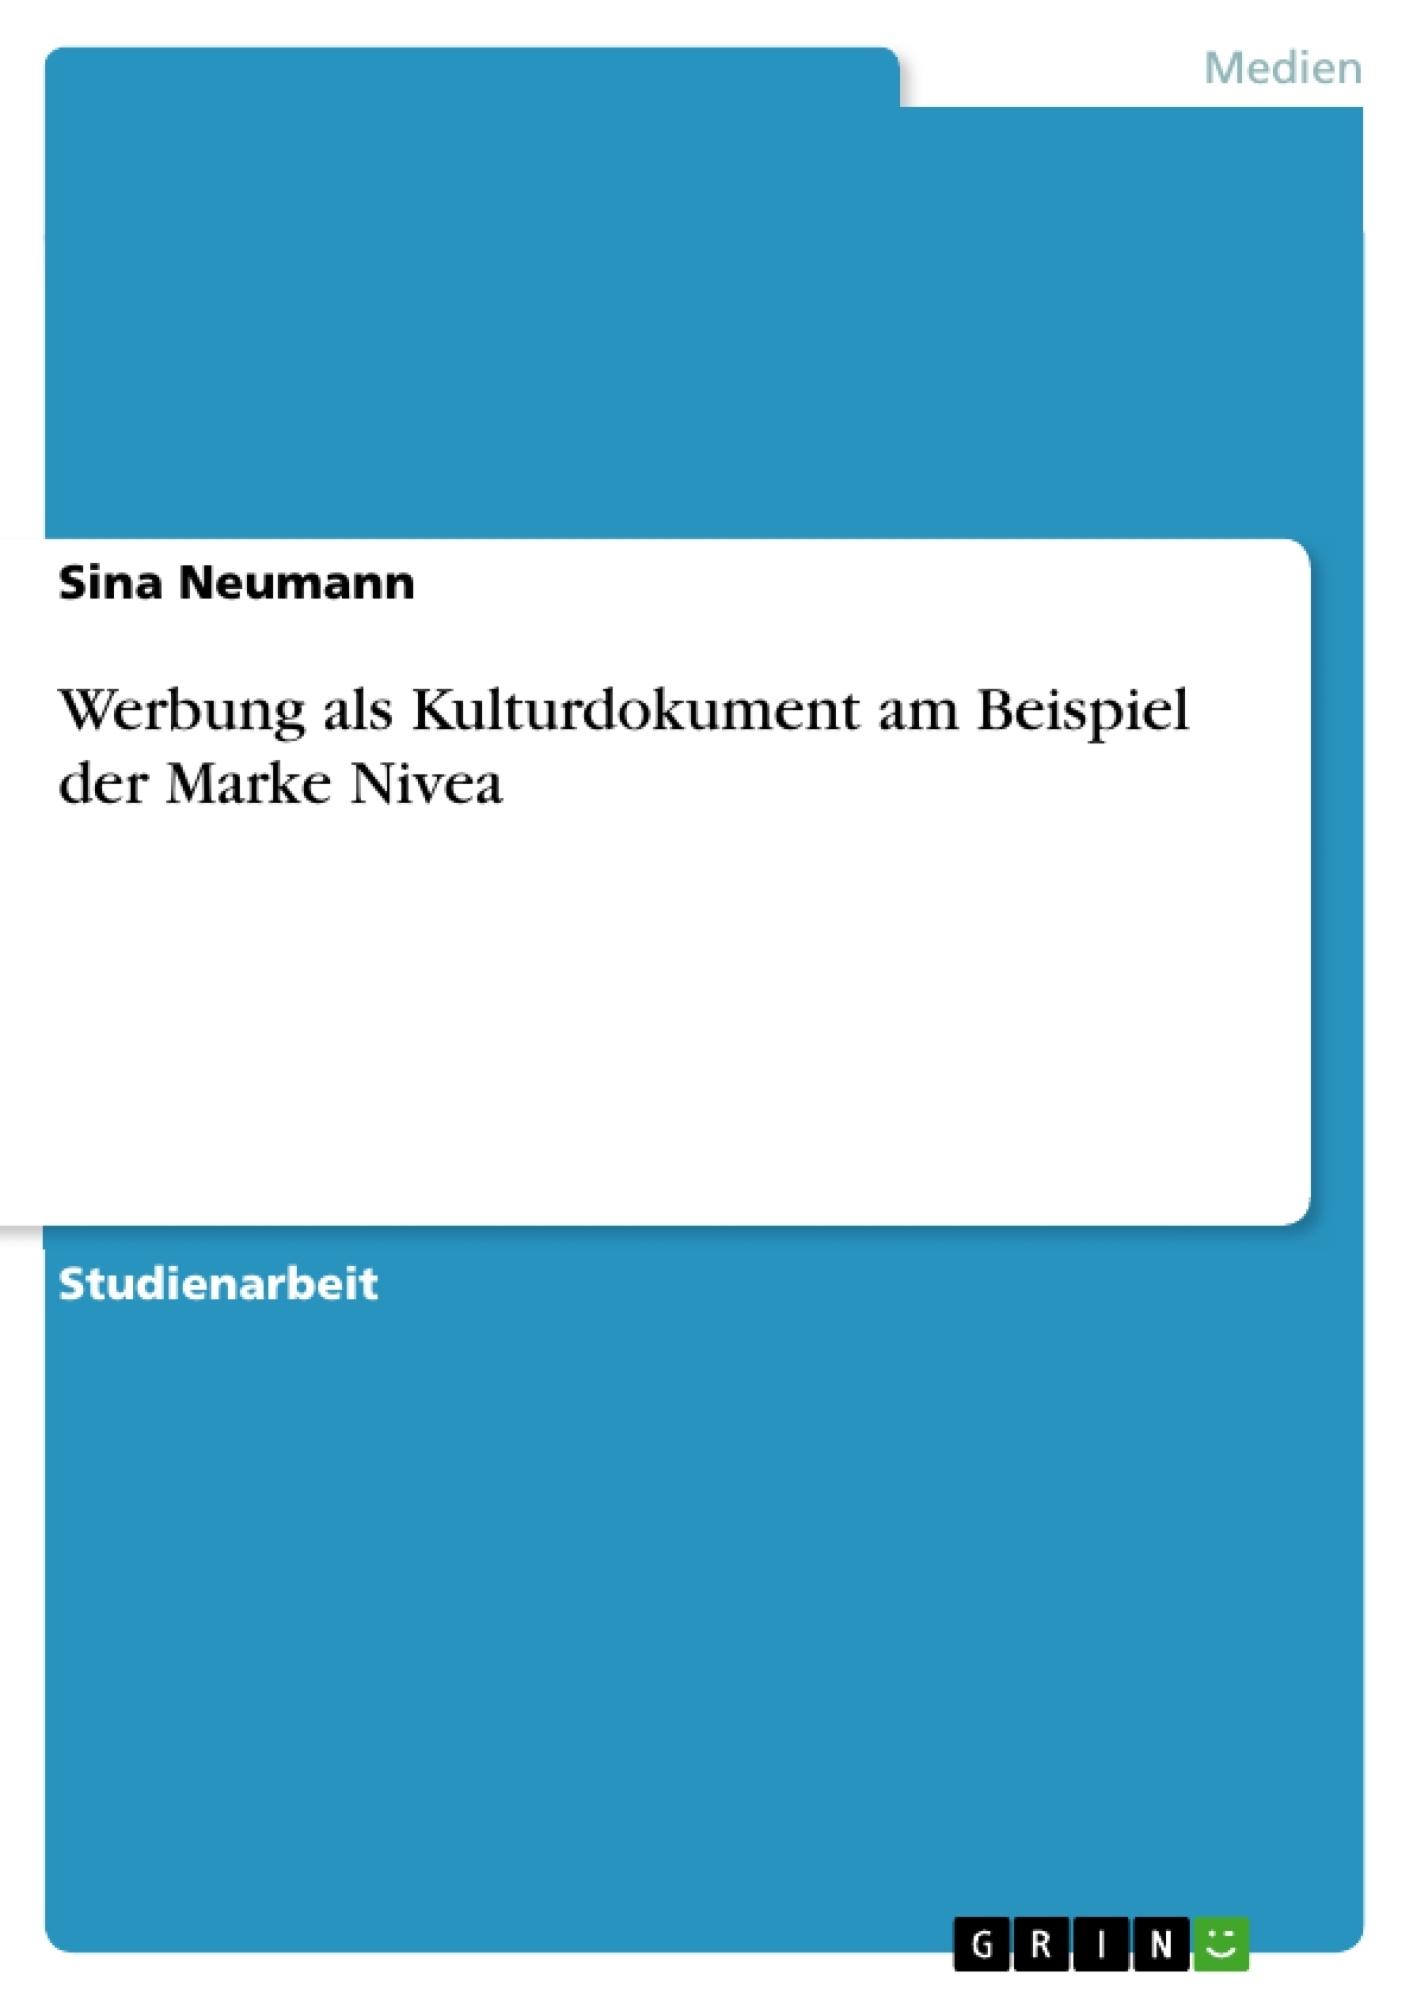 Titel: Werbung als Kulturdokument am Beispiel der Marke Nivea